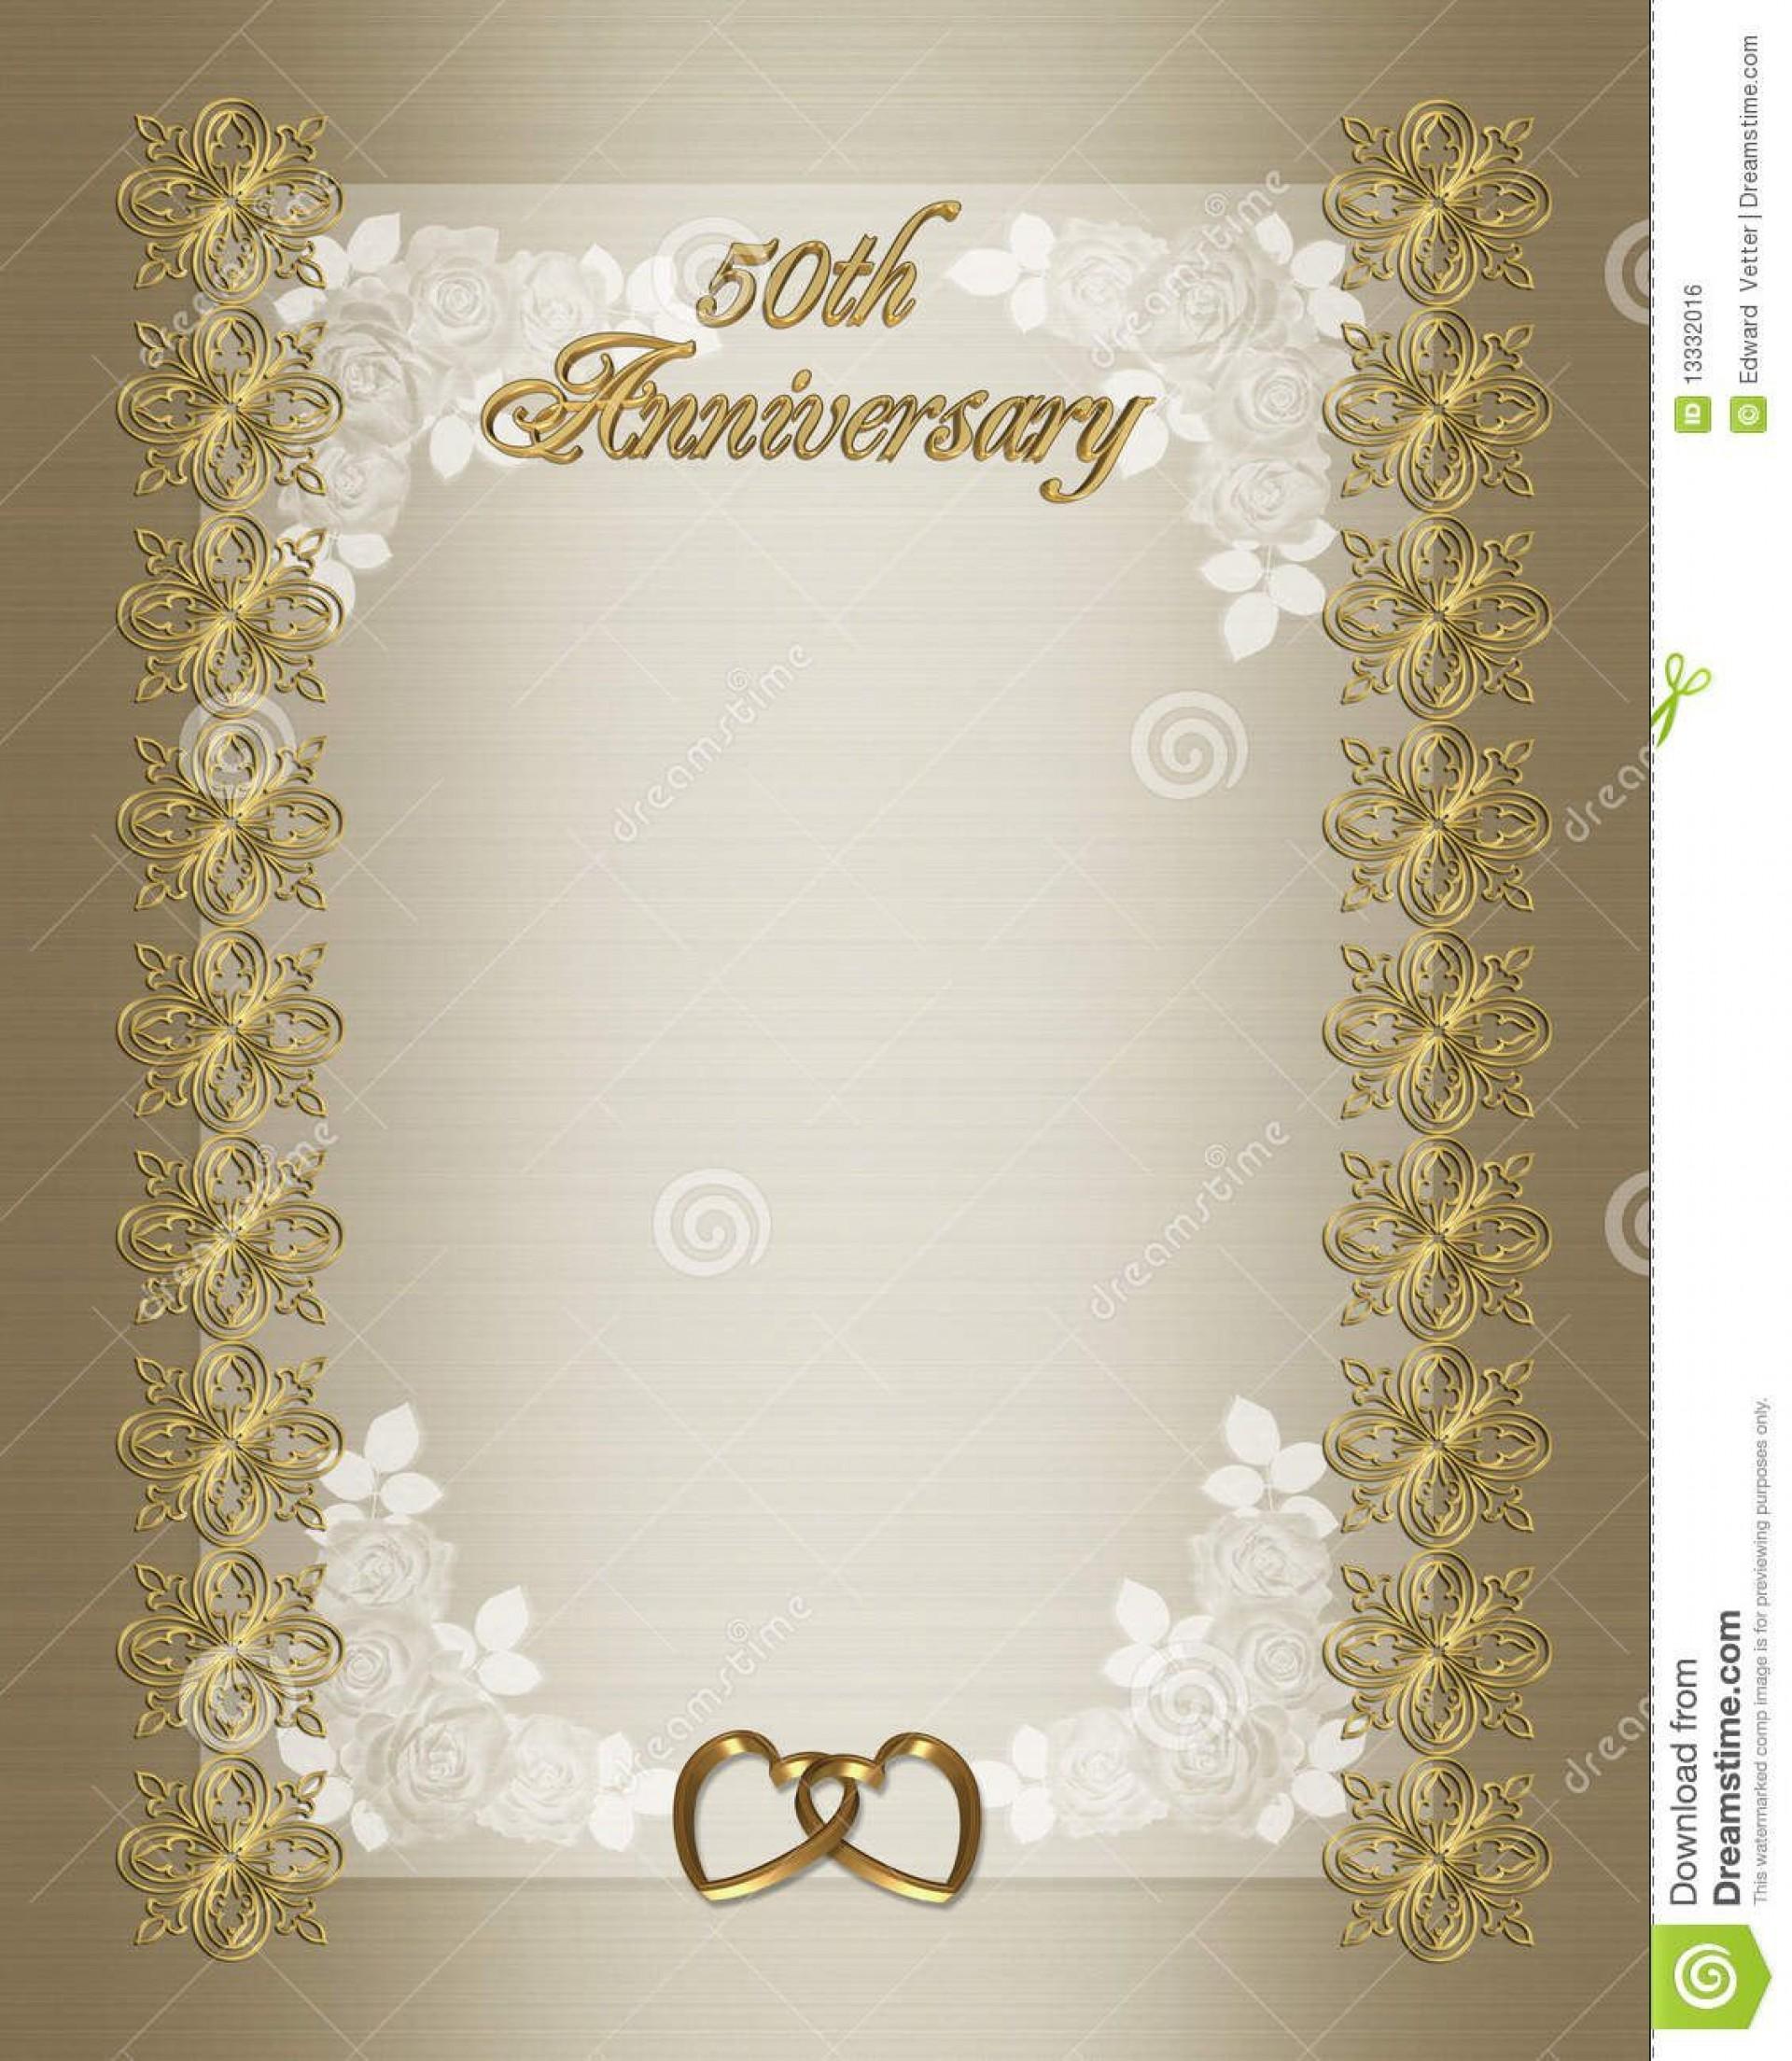 006 Fearsome 50th Anniversary Invitation Template Idea  Wedding Microsoft Word Free Download1920